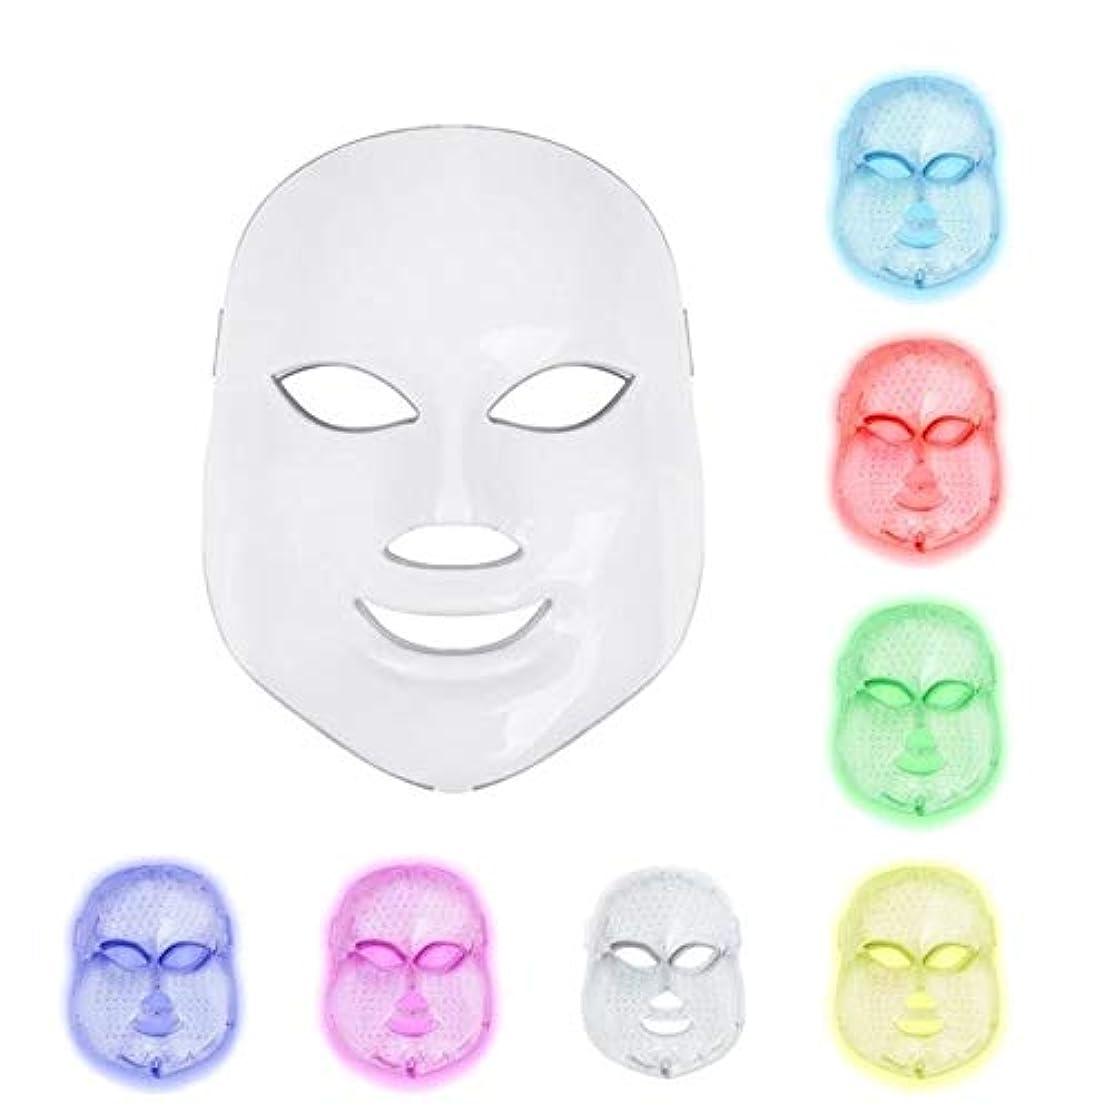 サスティーン復讐徹底的にLed光子療法7色光治療肌の若返りにきびスポットしわホワイトニング美顔術デイリースキンケアマスク